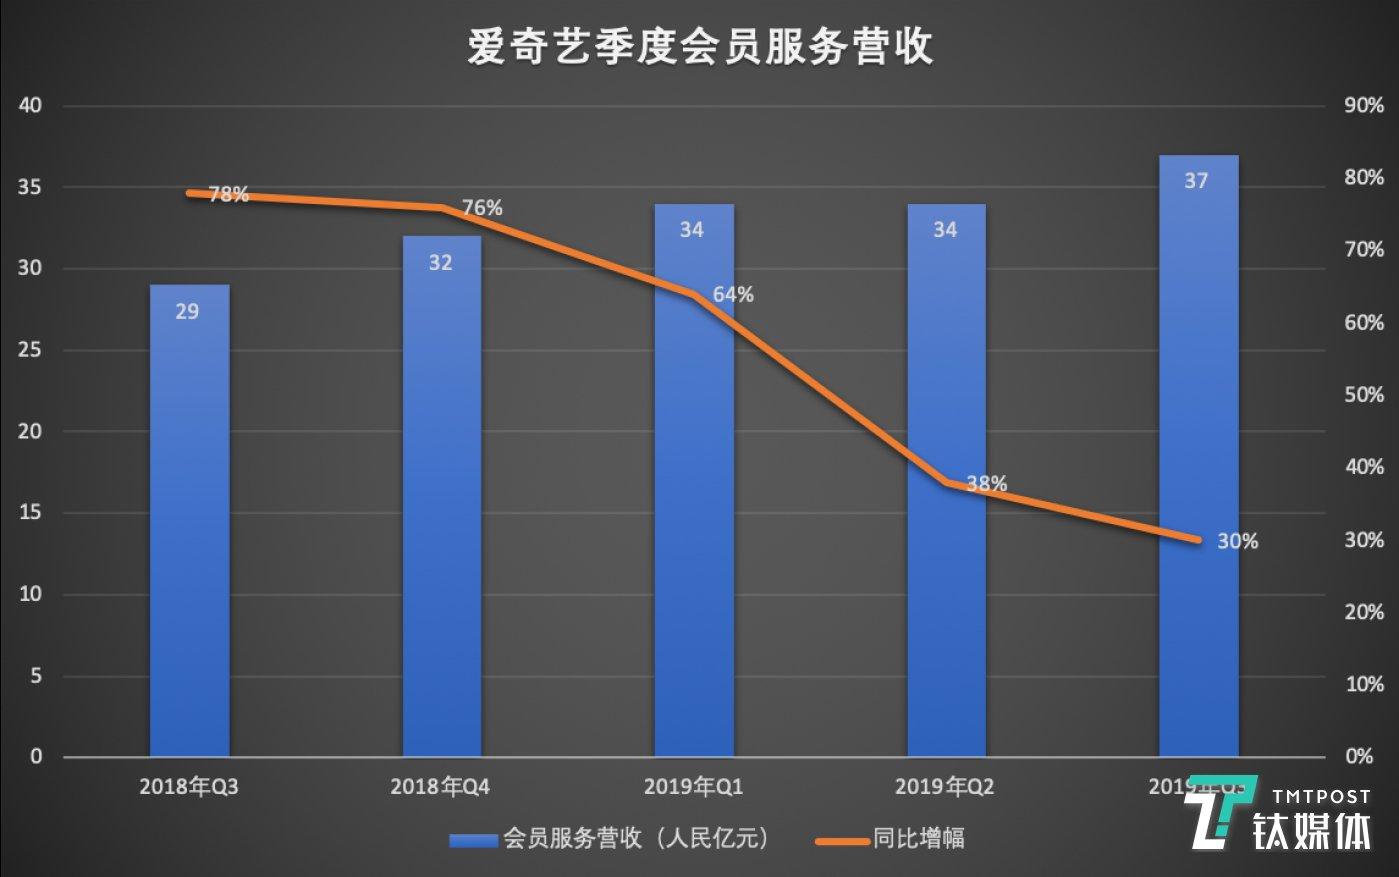 爱奇艺季度会员收入(制图/钛媒体李程程)